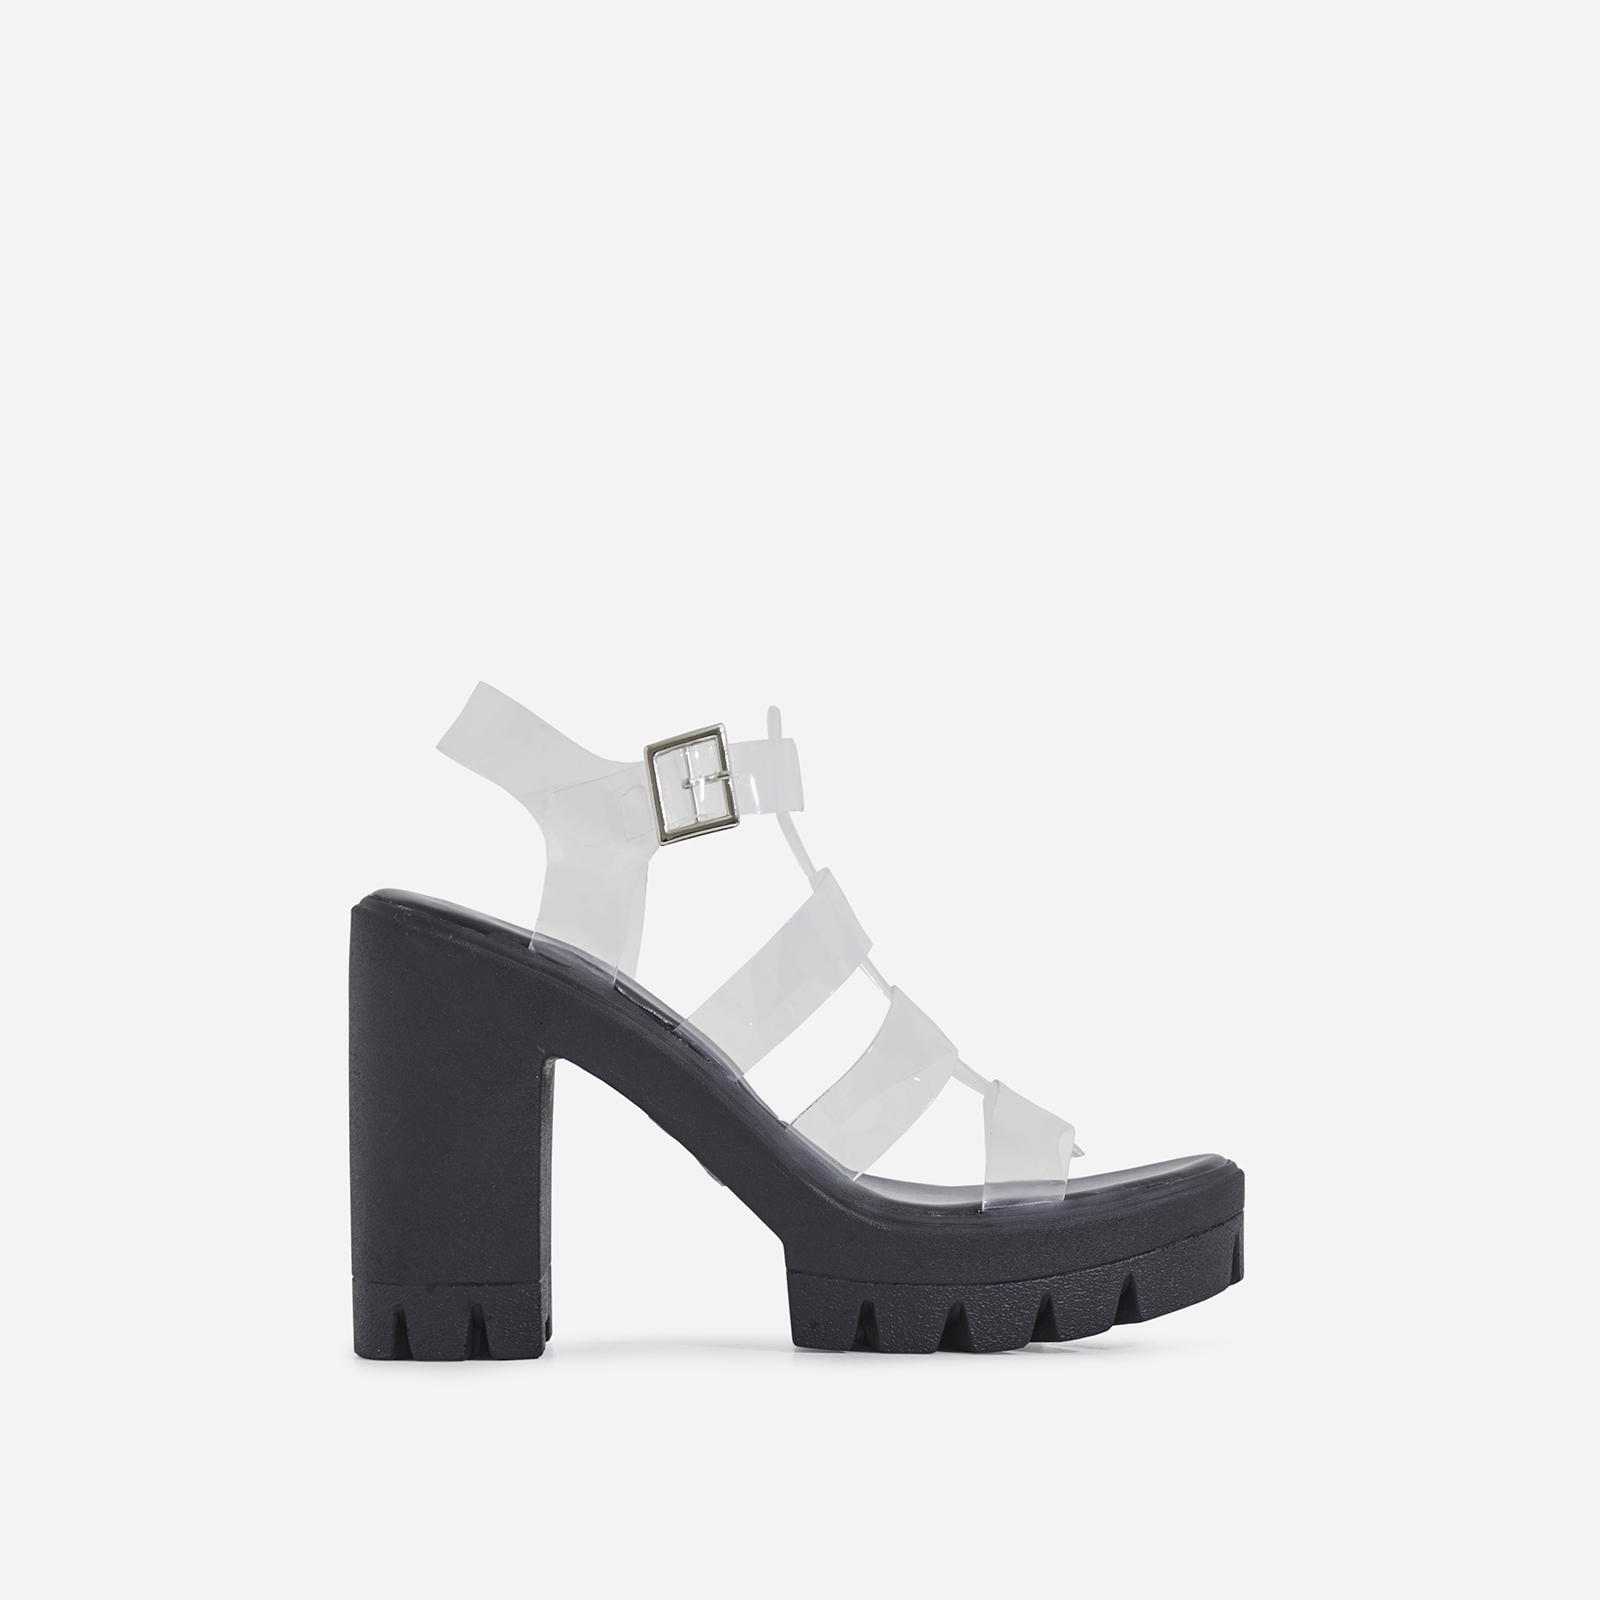 Toffee Perspex Platform Block Heel In Black